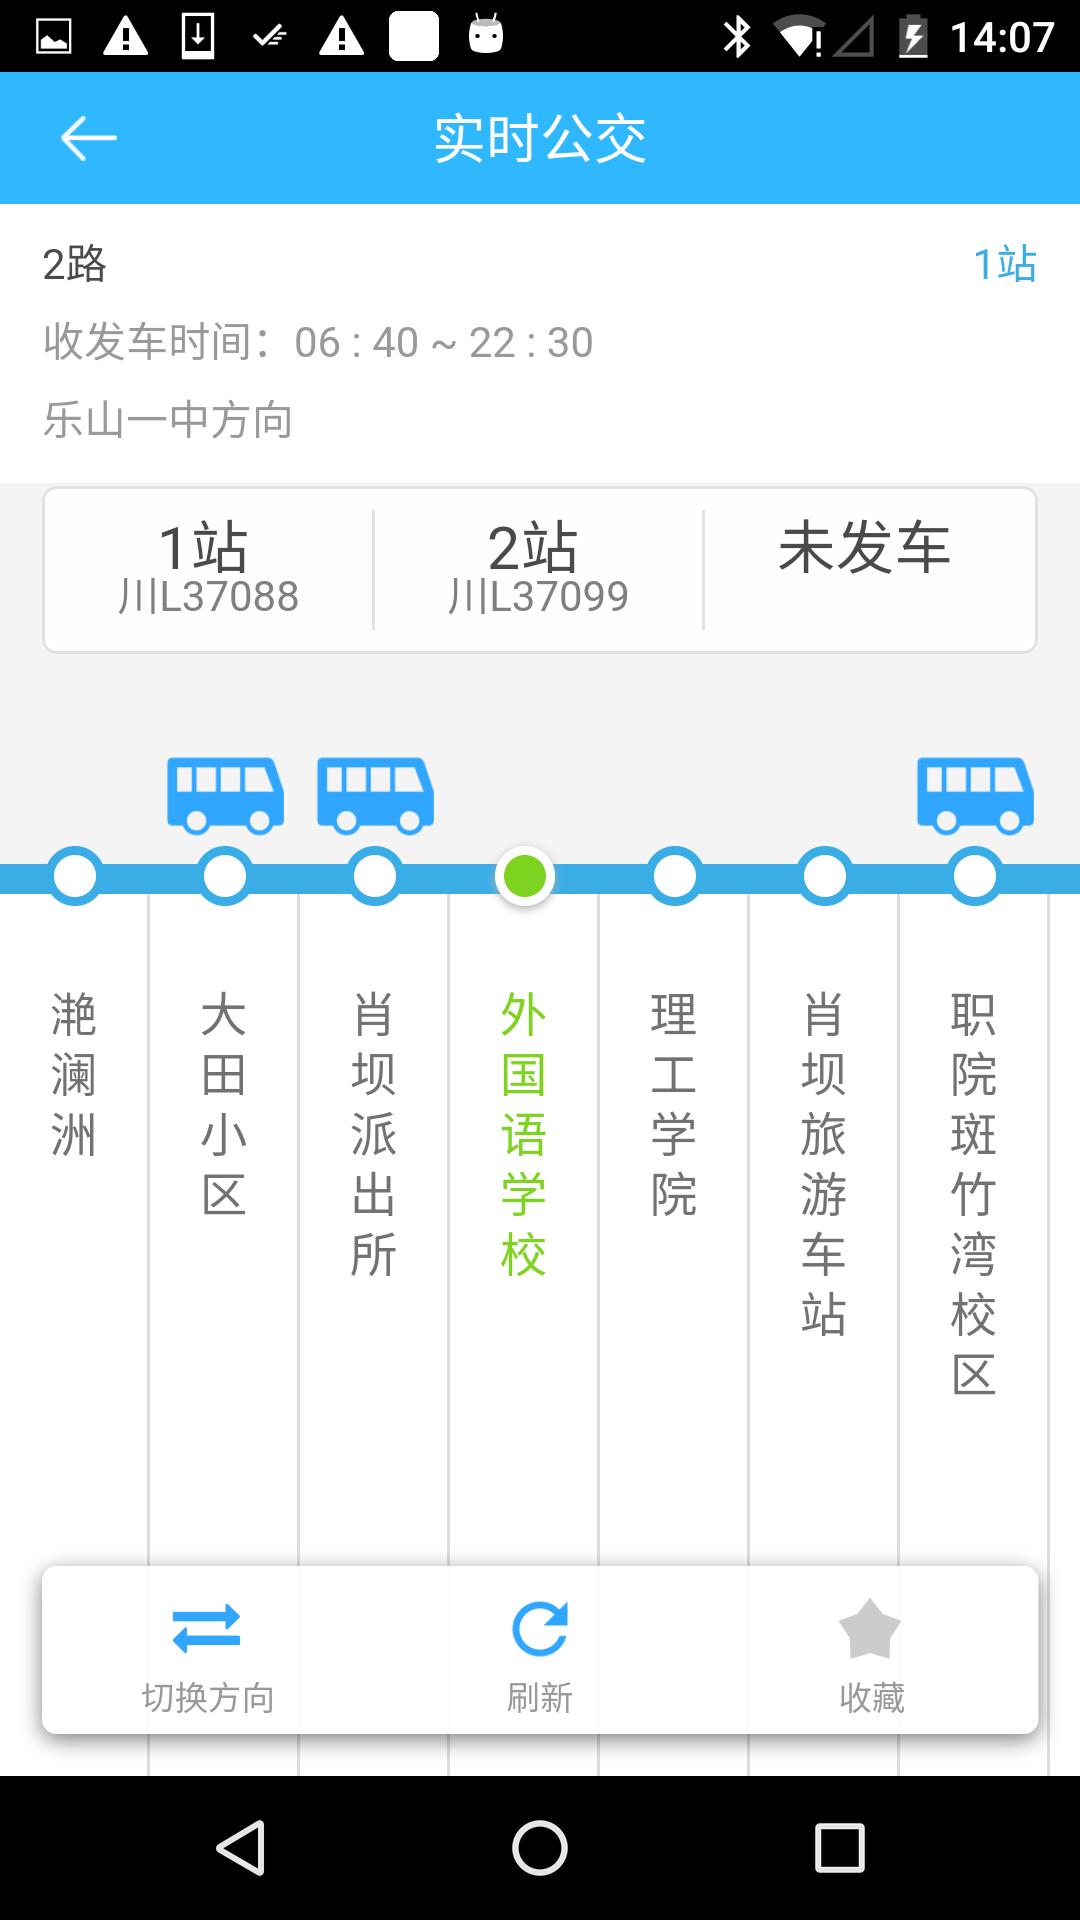 乐山交通APP V3.32 安卓版截图1